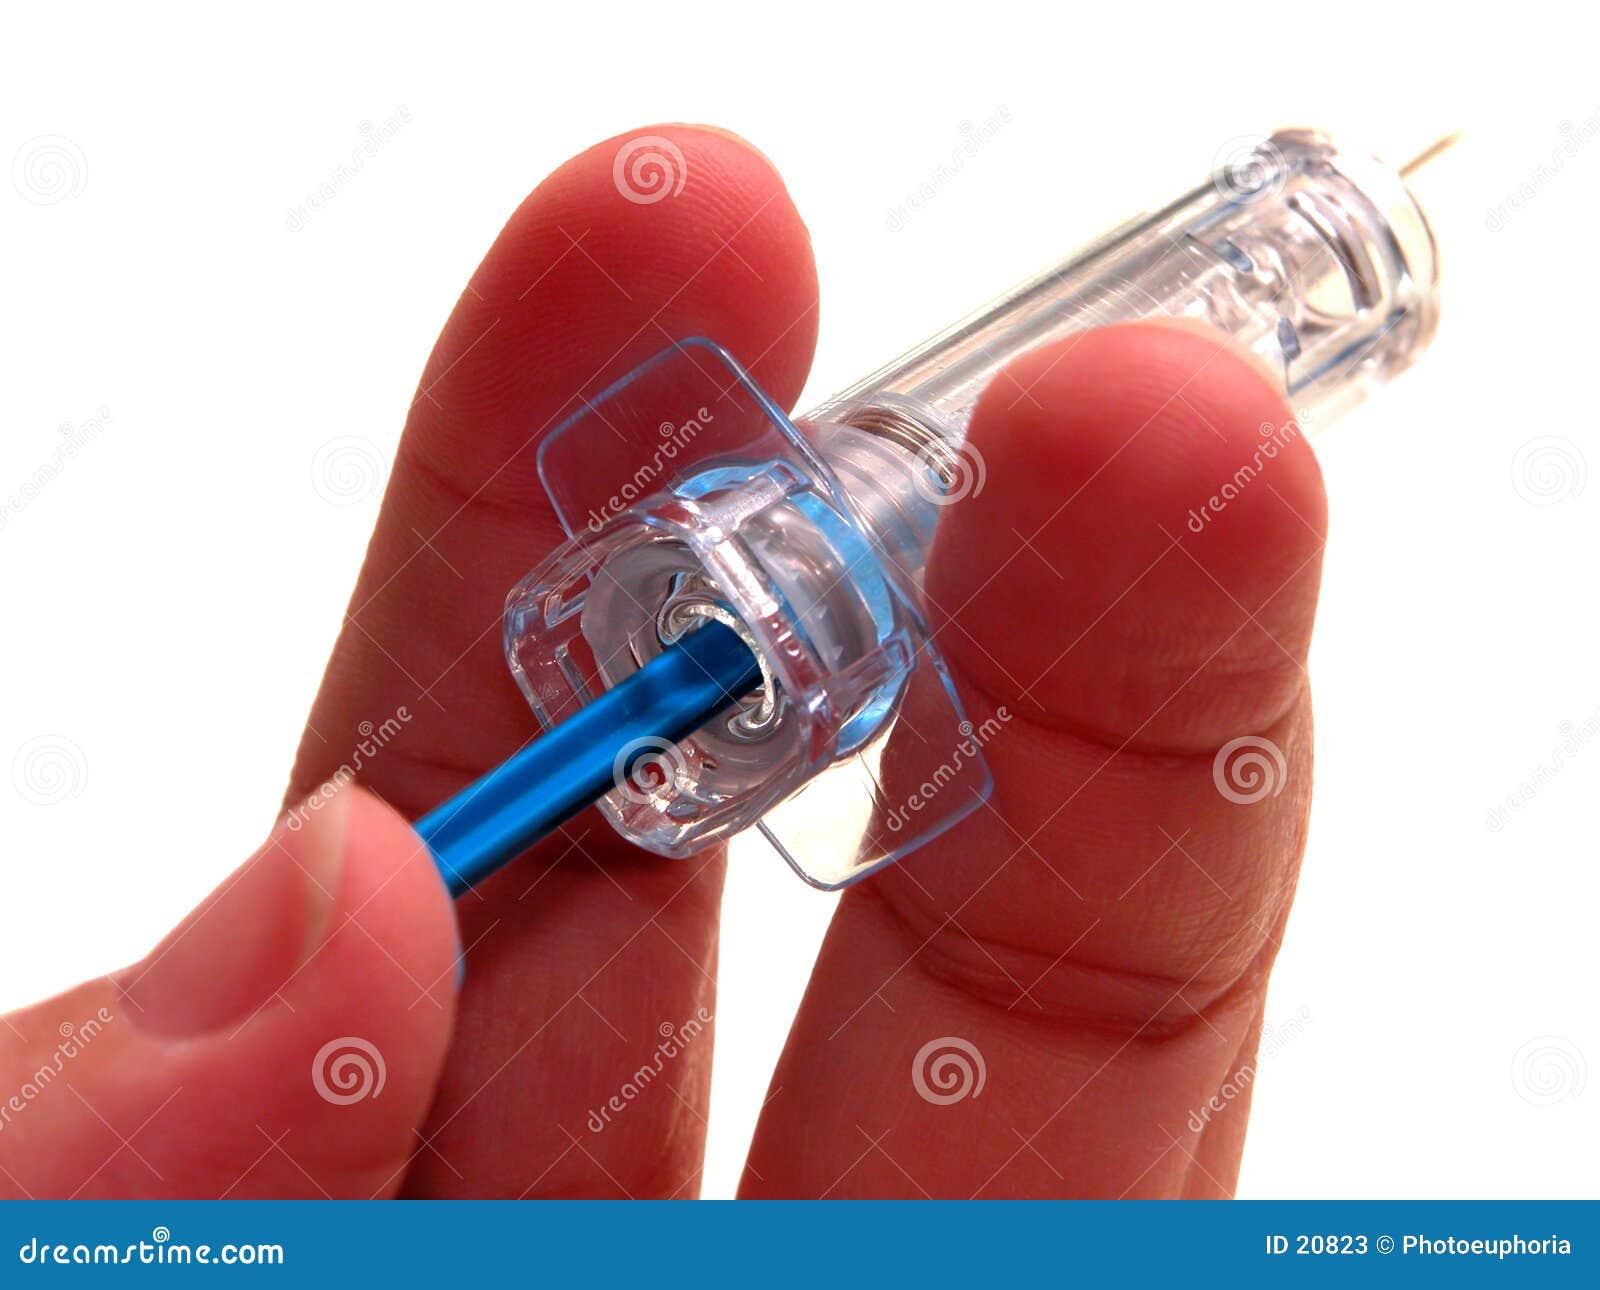 Medizinisch: Einspritzung-Spritze